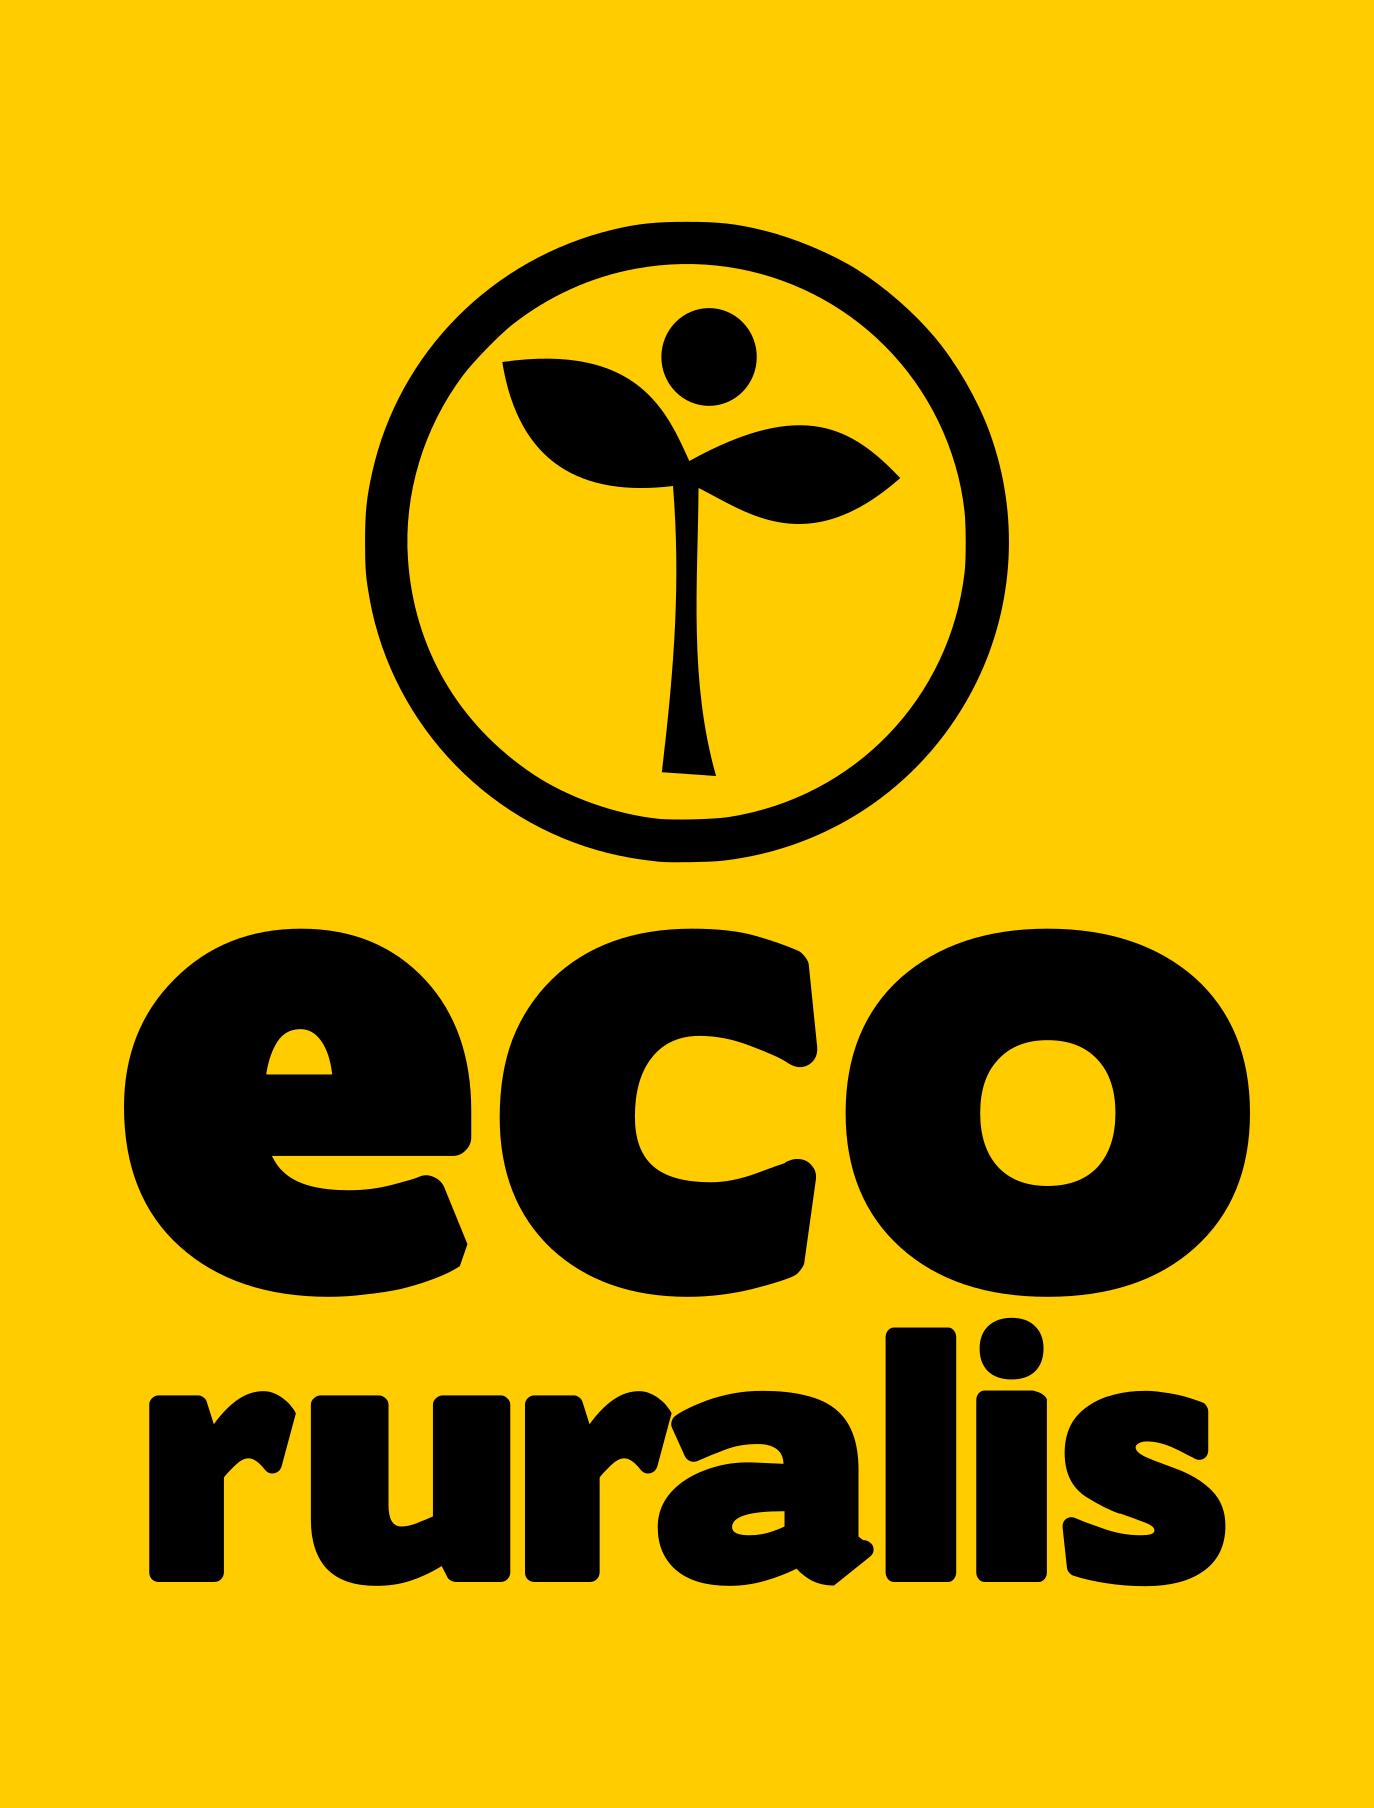 Asociația Eco Ruralis logo